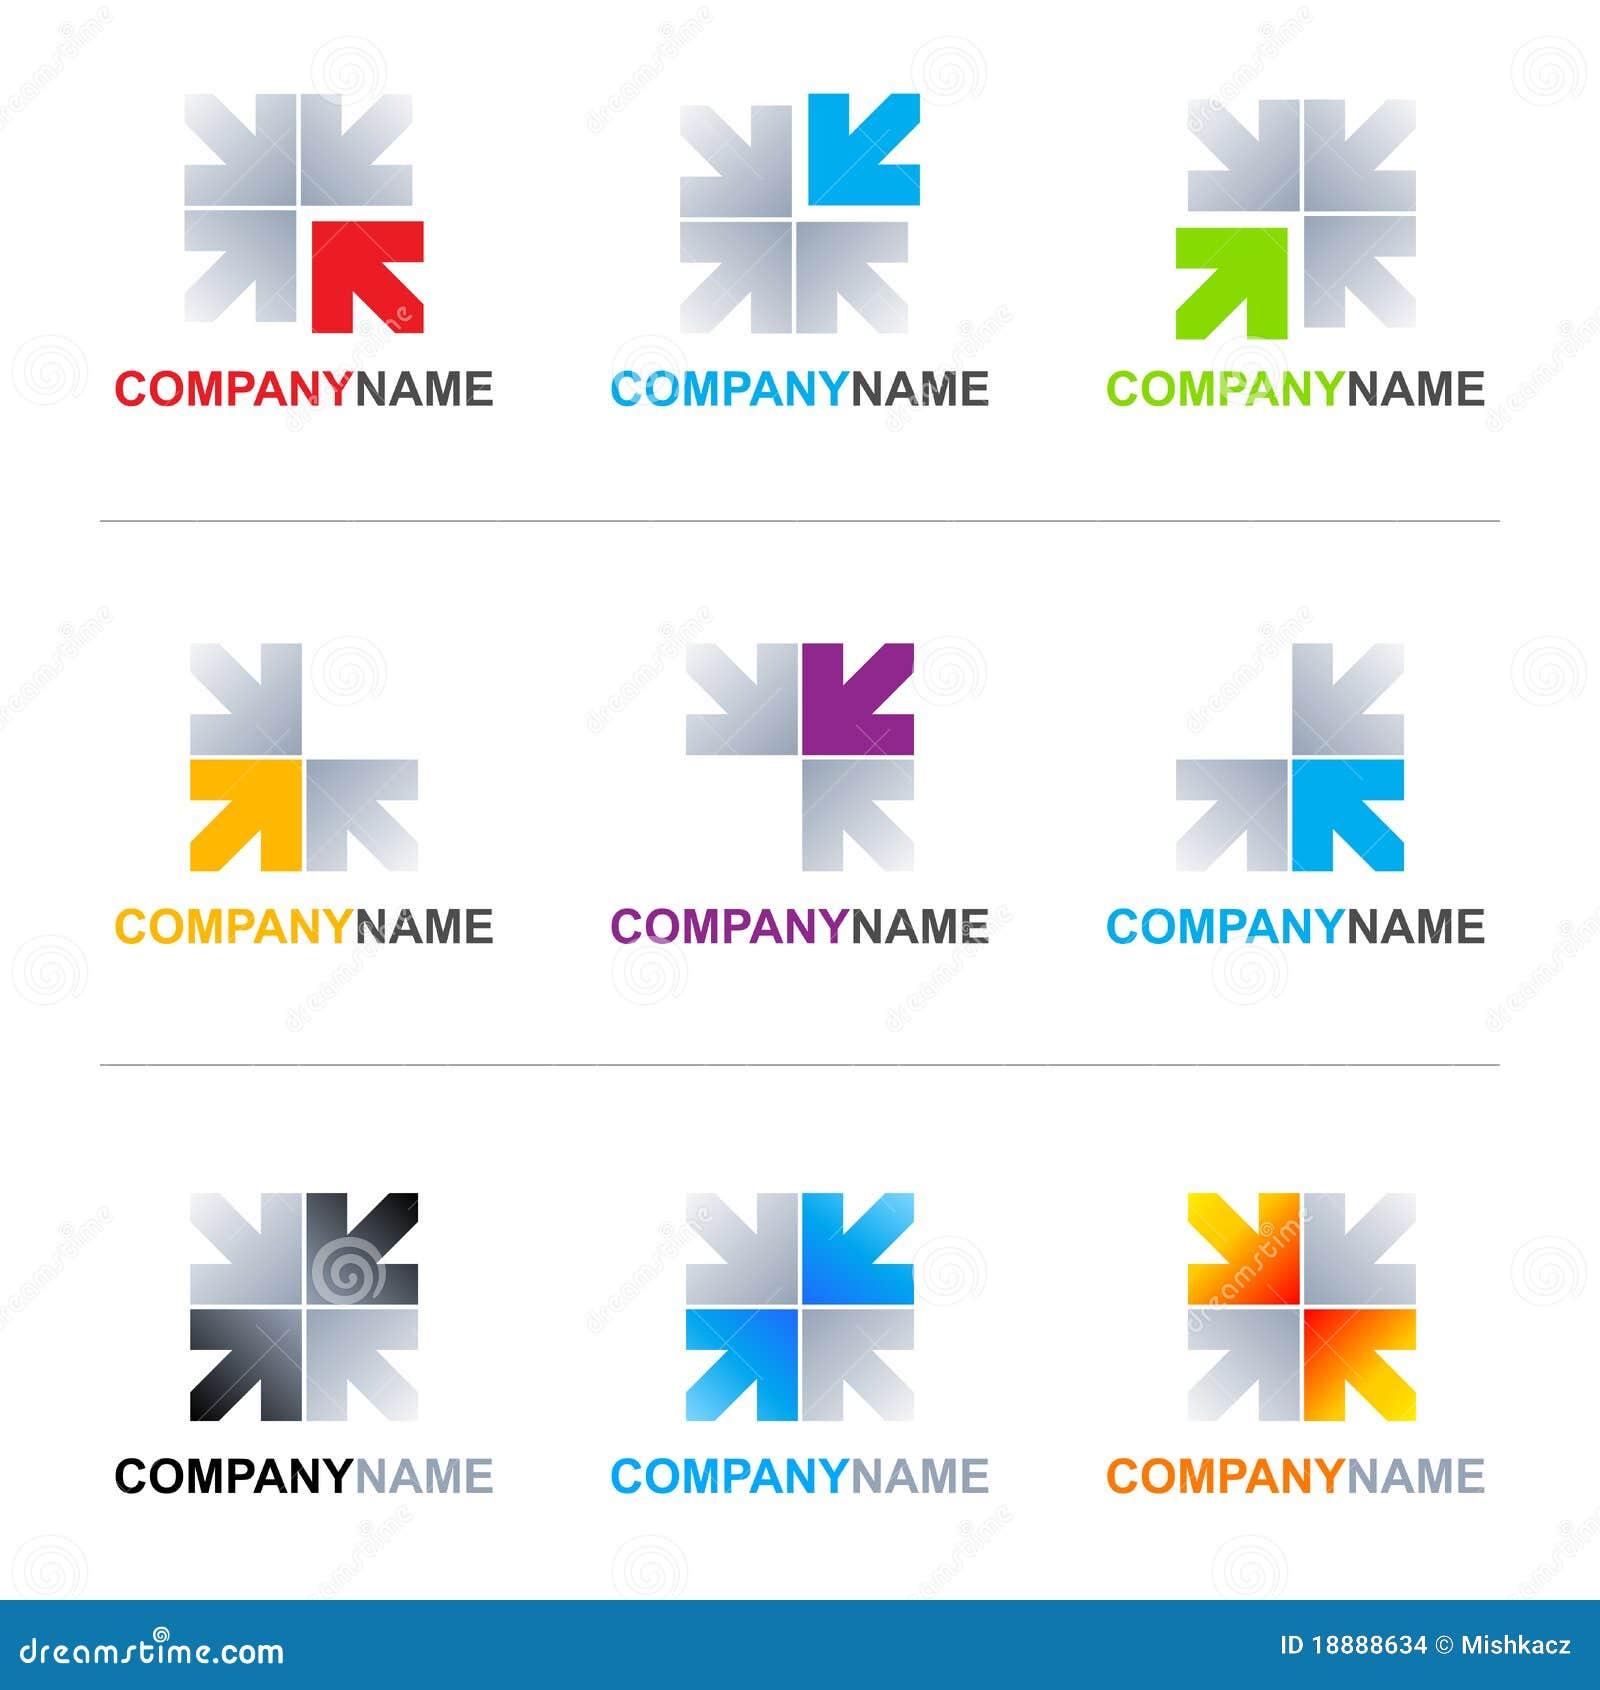 Arrows logo designs